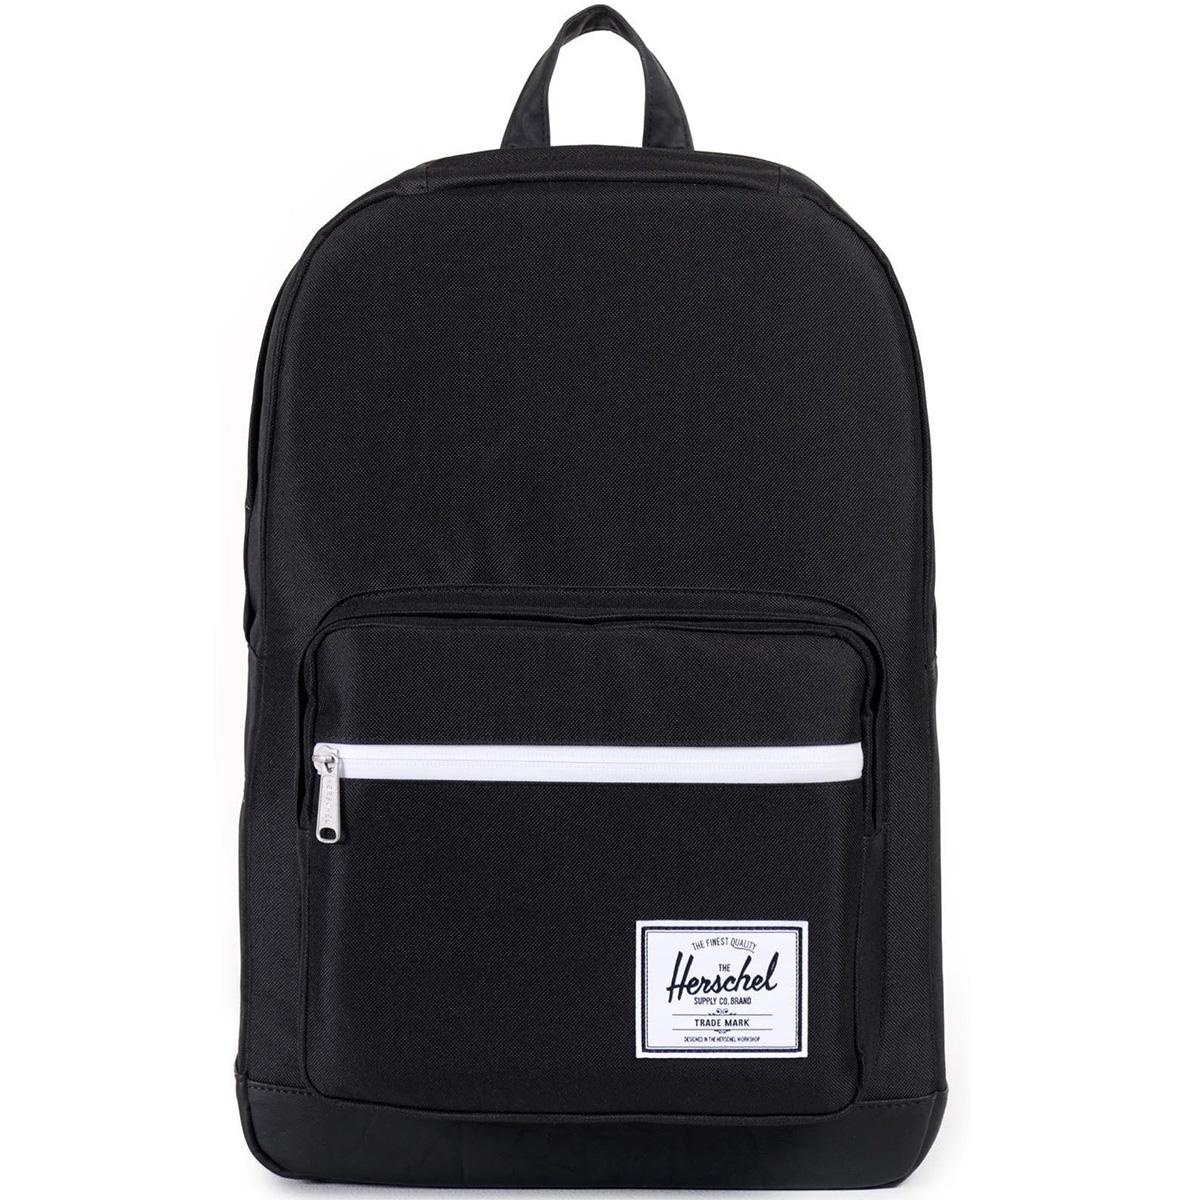 Рюкзак городской Herschel Pop Quiz (A/S), цвет: черный. 828432043330828432043330Рюкзак Herschel Pop Quiz ™ универсальный рюкзак для школы и работы с широким спектром карманов и органайзера.